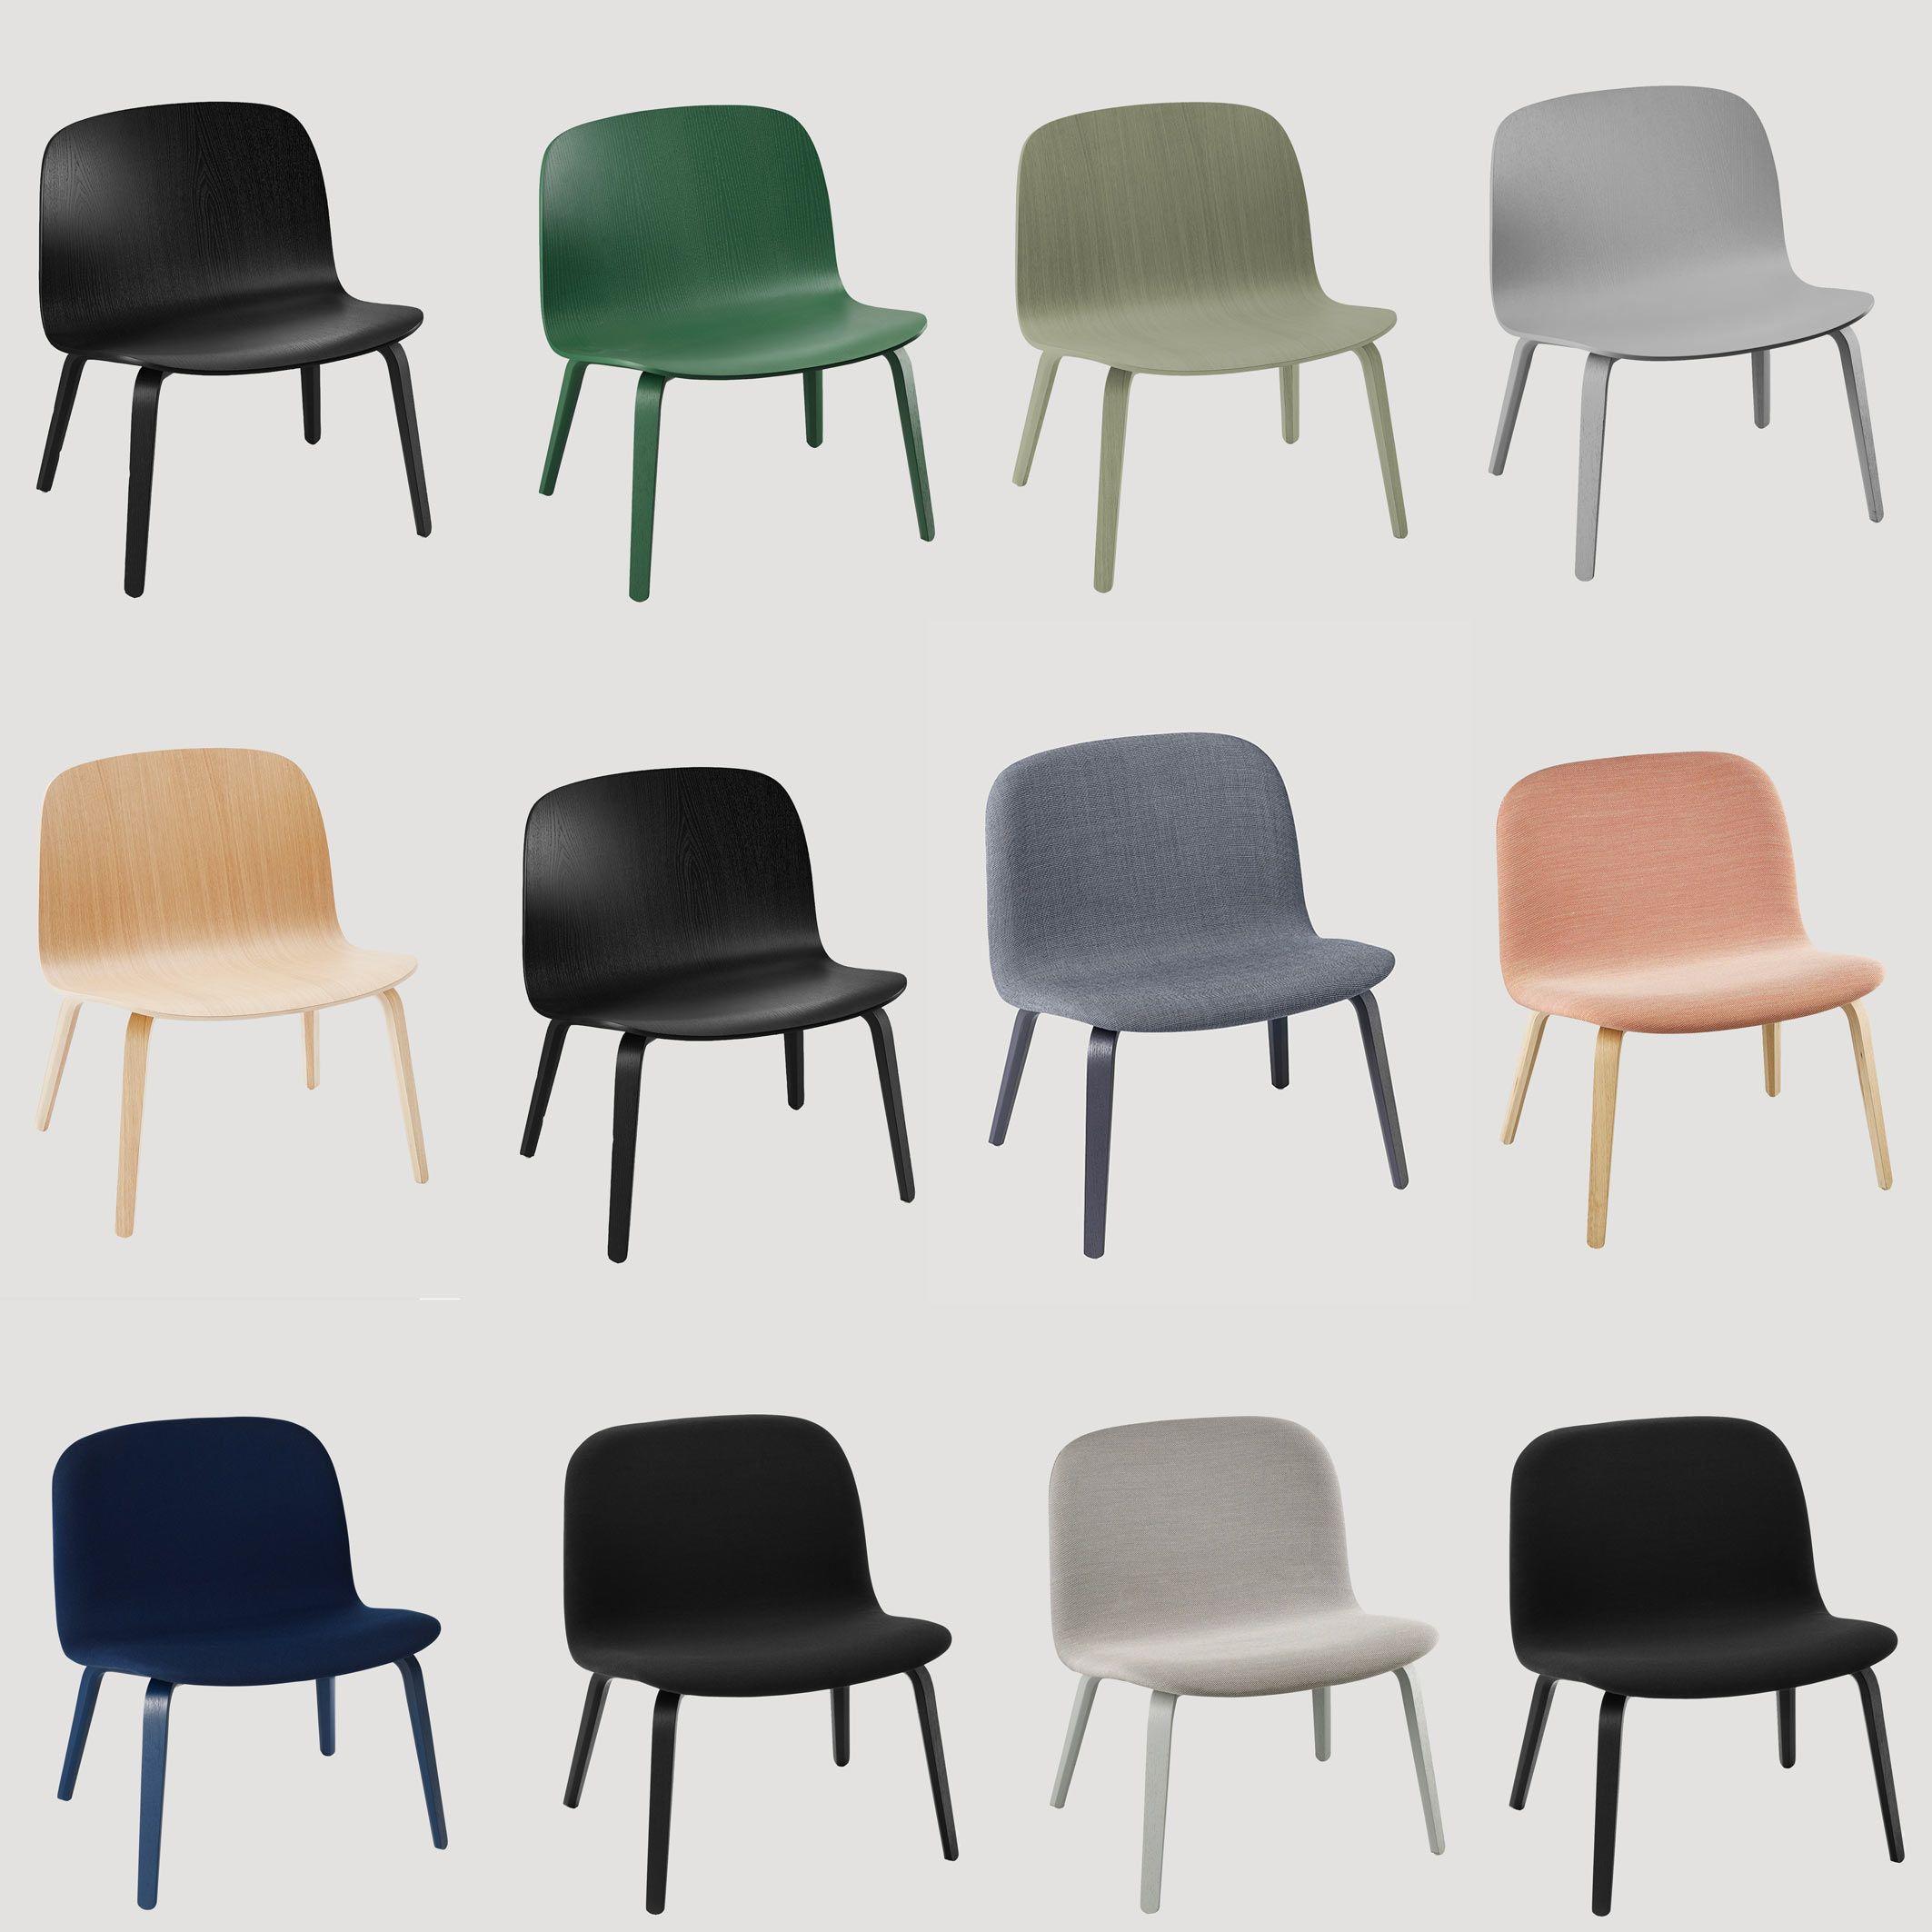 Lage Lounge Stoel.De Muuto Visu Lounge Chair Is Verkrijgbaar In 5 Houten